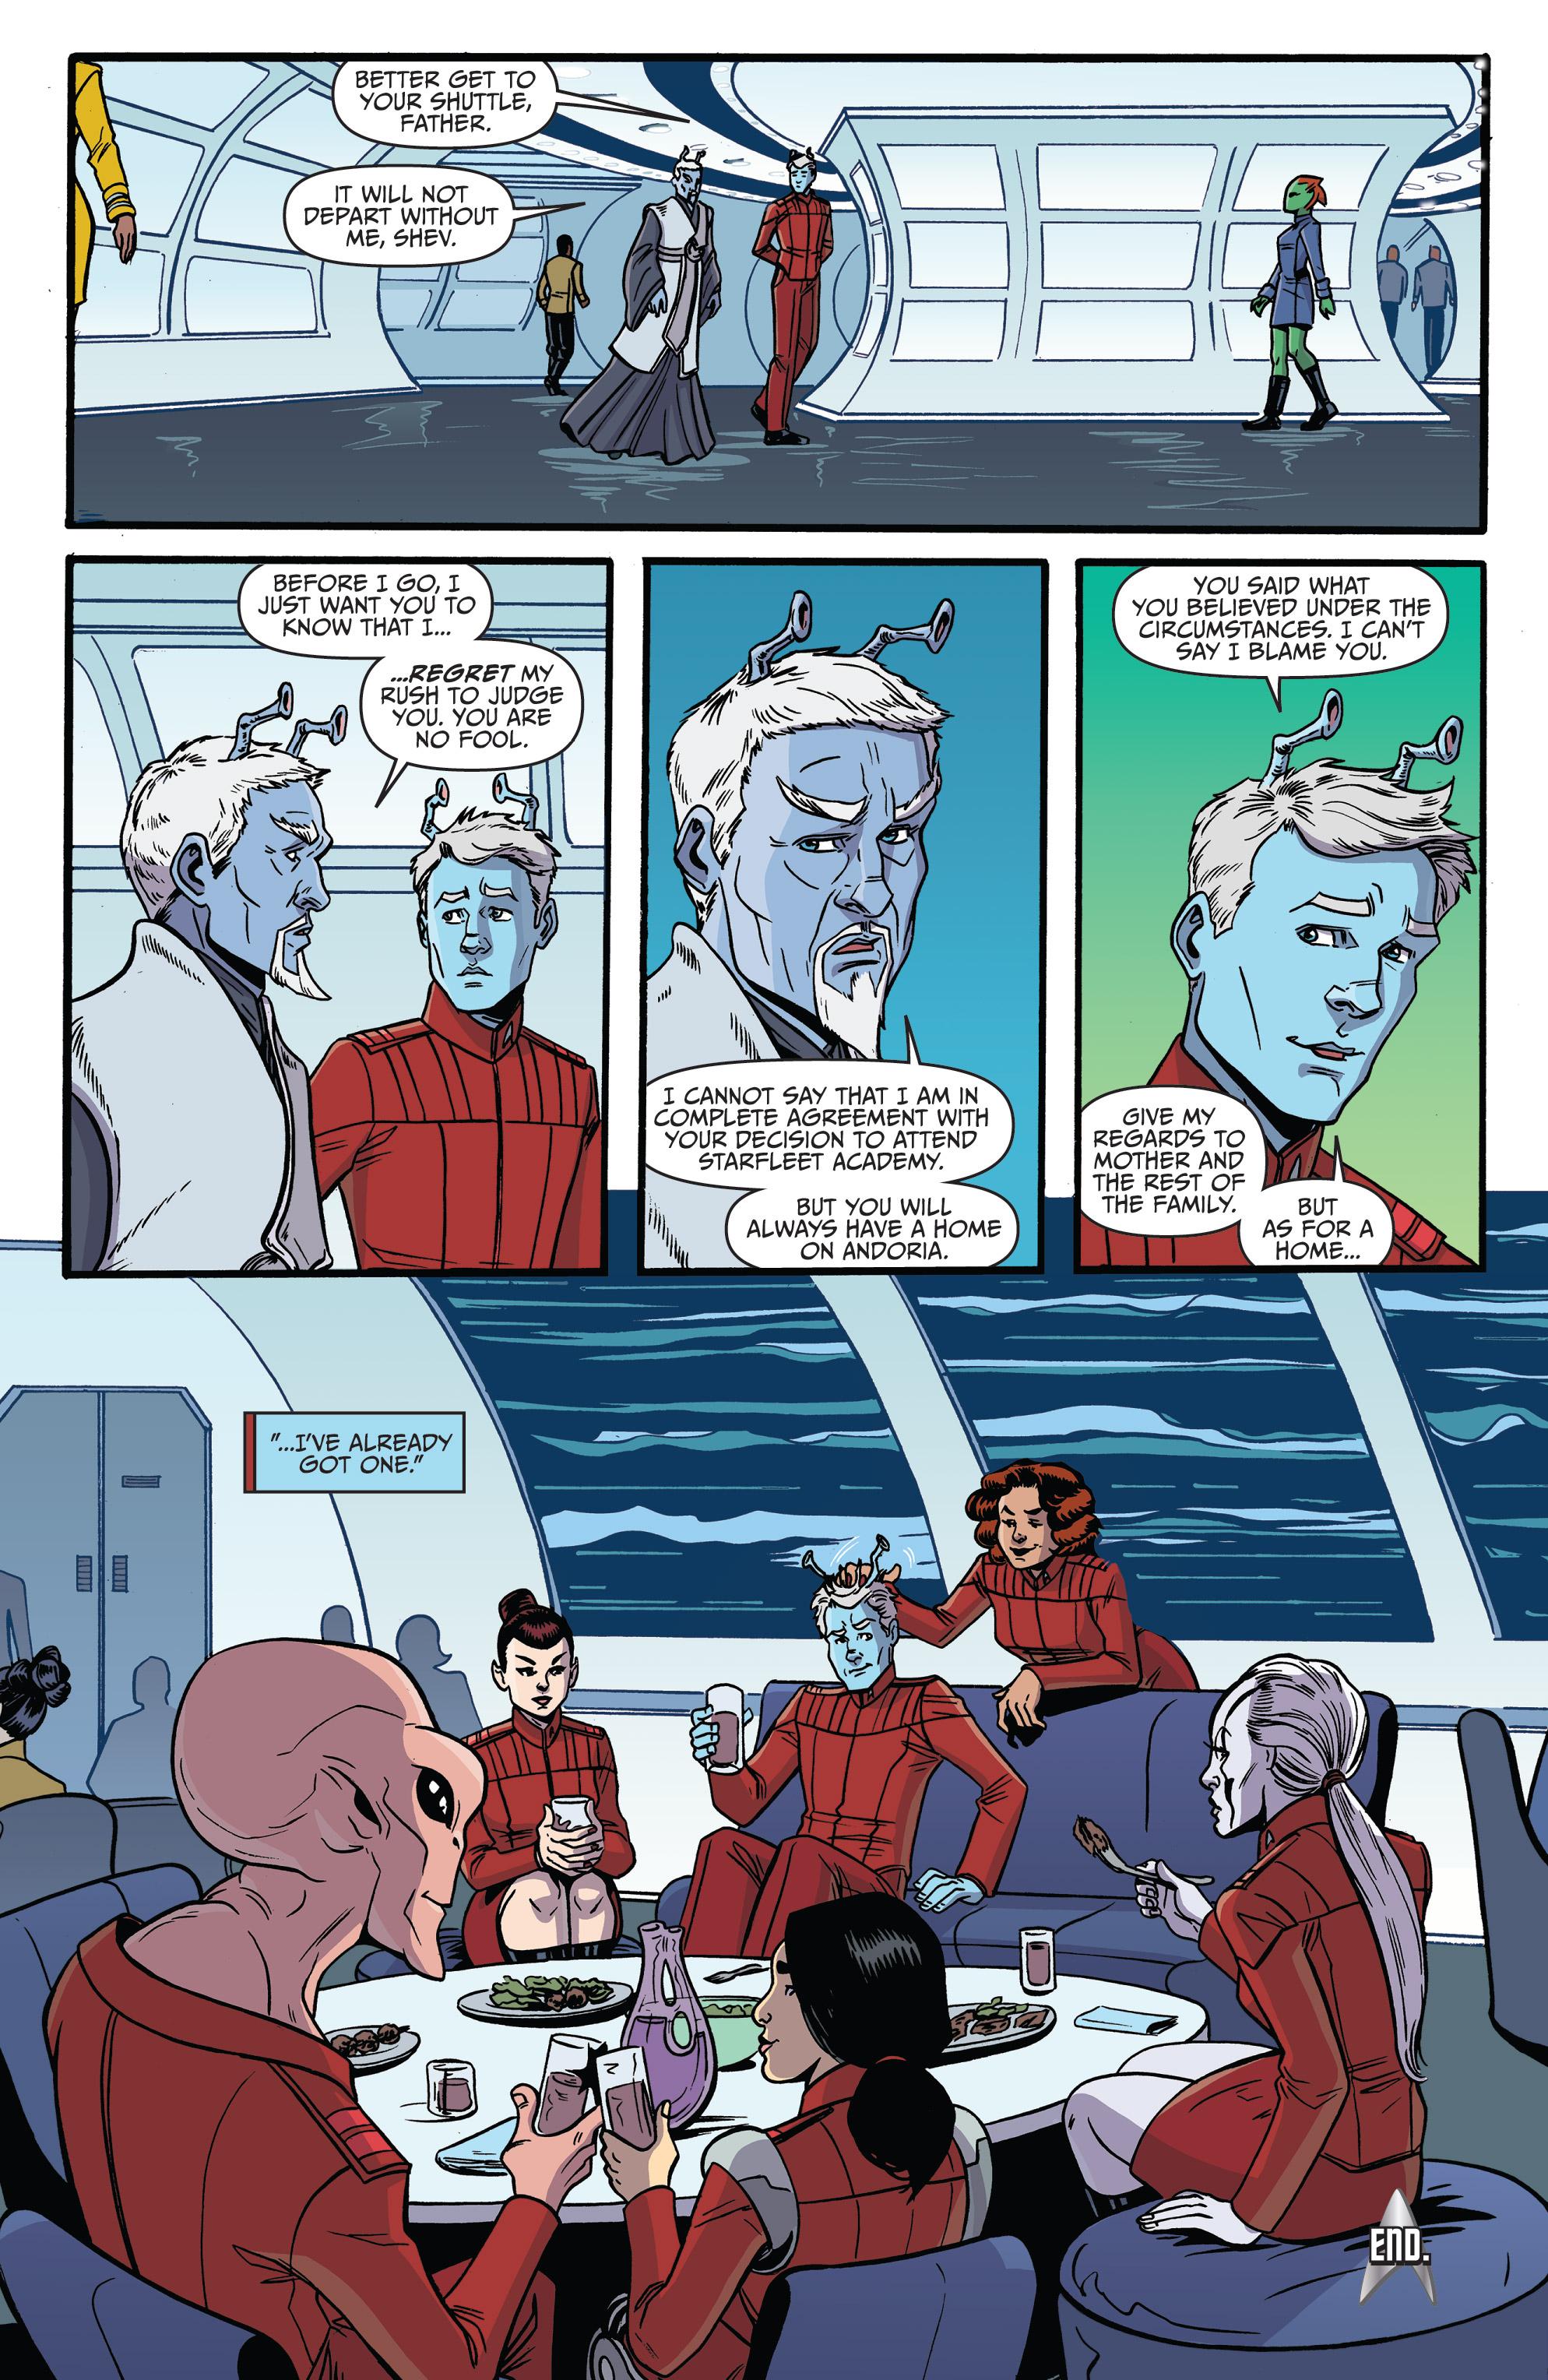 Read online Star Trek: Boldly Go comic -  Issue #8 - 22